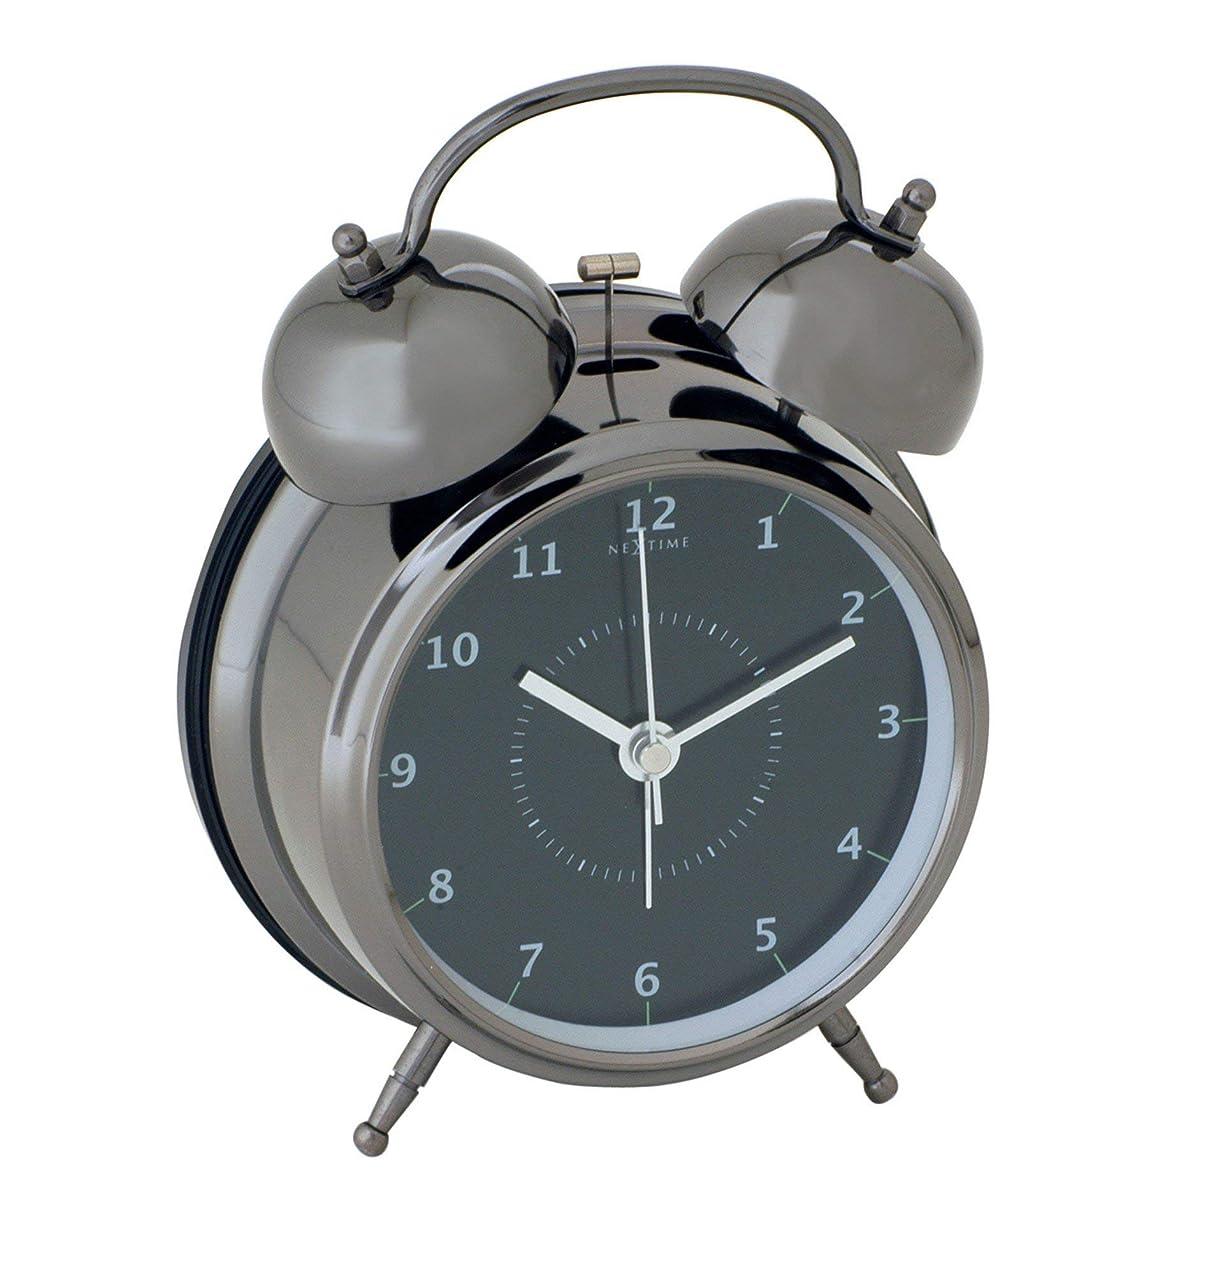 急いで法令トレーダーNEXTIME 鐩銇俱仐鏅傝▓ Wake Up Black M 5112zw